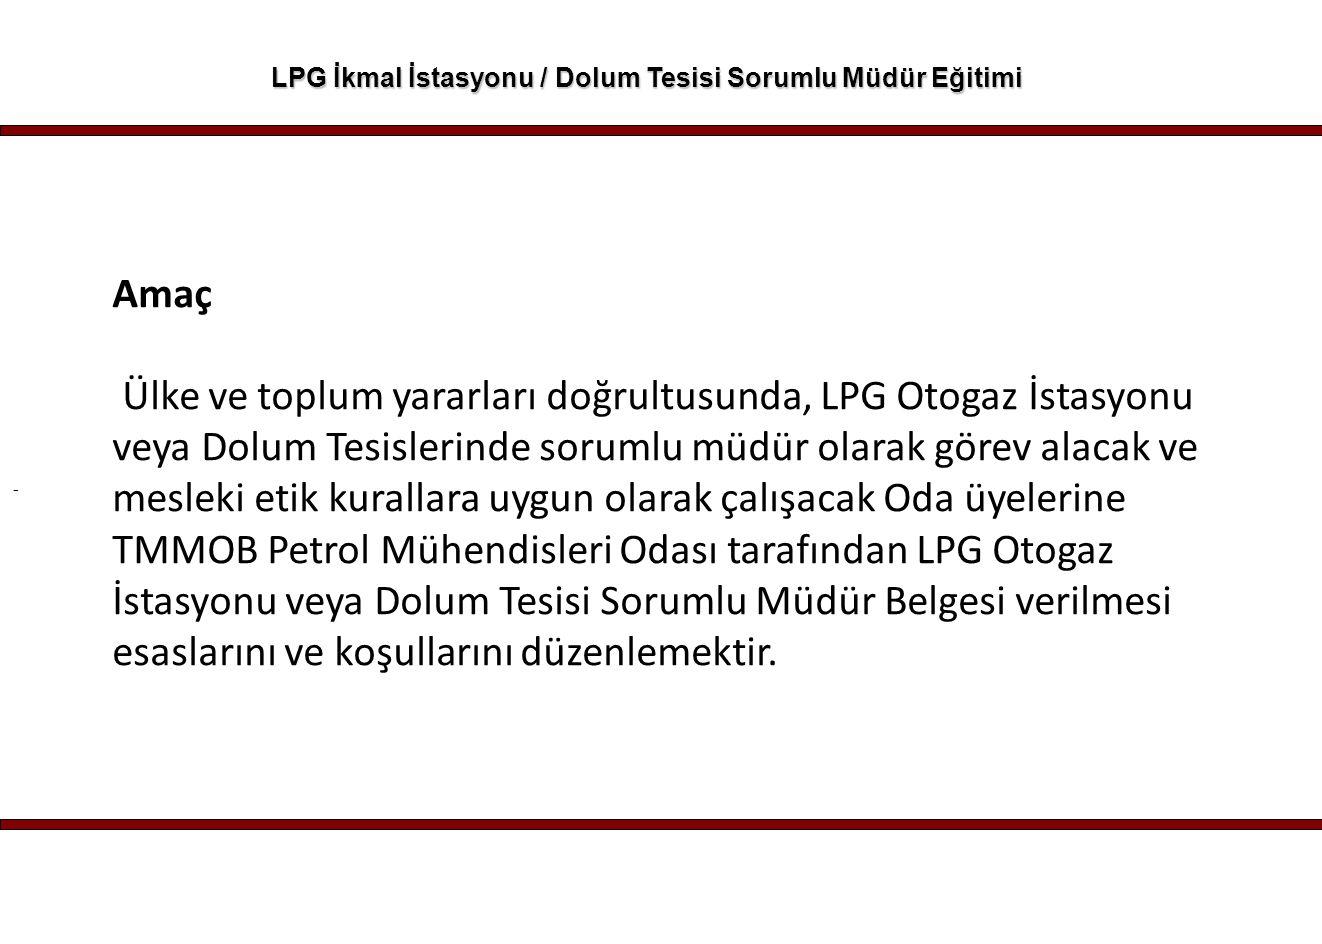 - LPG İkmal İstasyonu / Dolum Tesisi Sorumlu Müdür Eğitimi Amaç Ülke ve toplum yararları doğrultusunda, LPG Otogaz İstasyonu veya Dolum Tesislerinde s